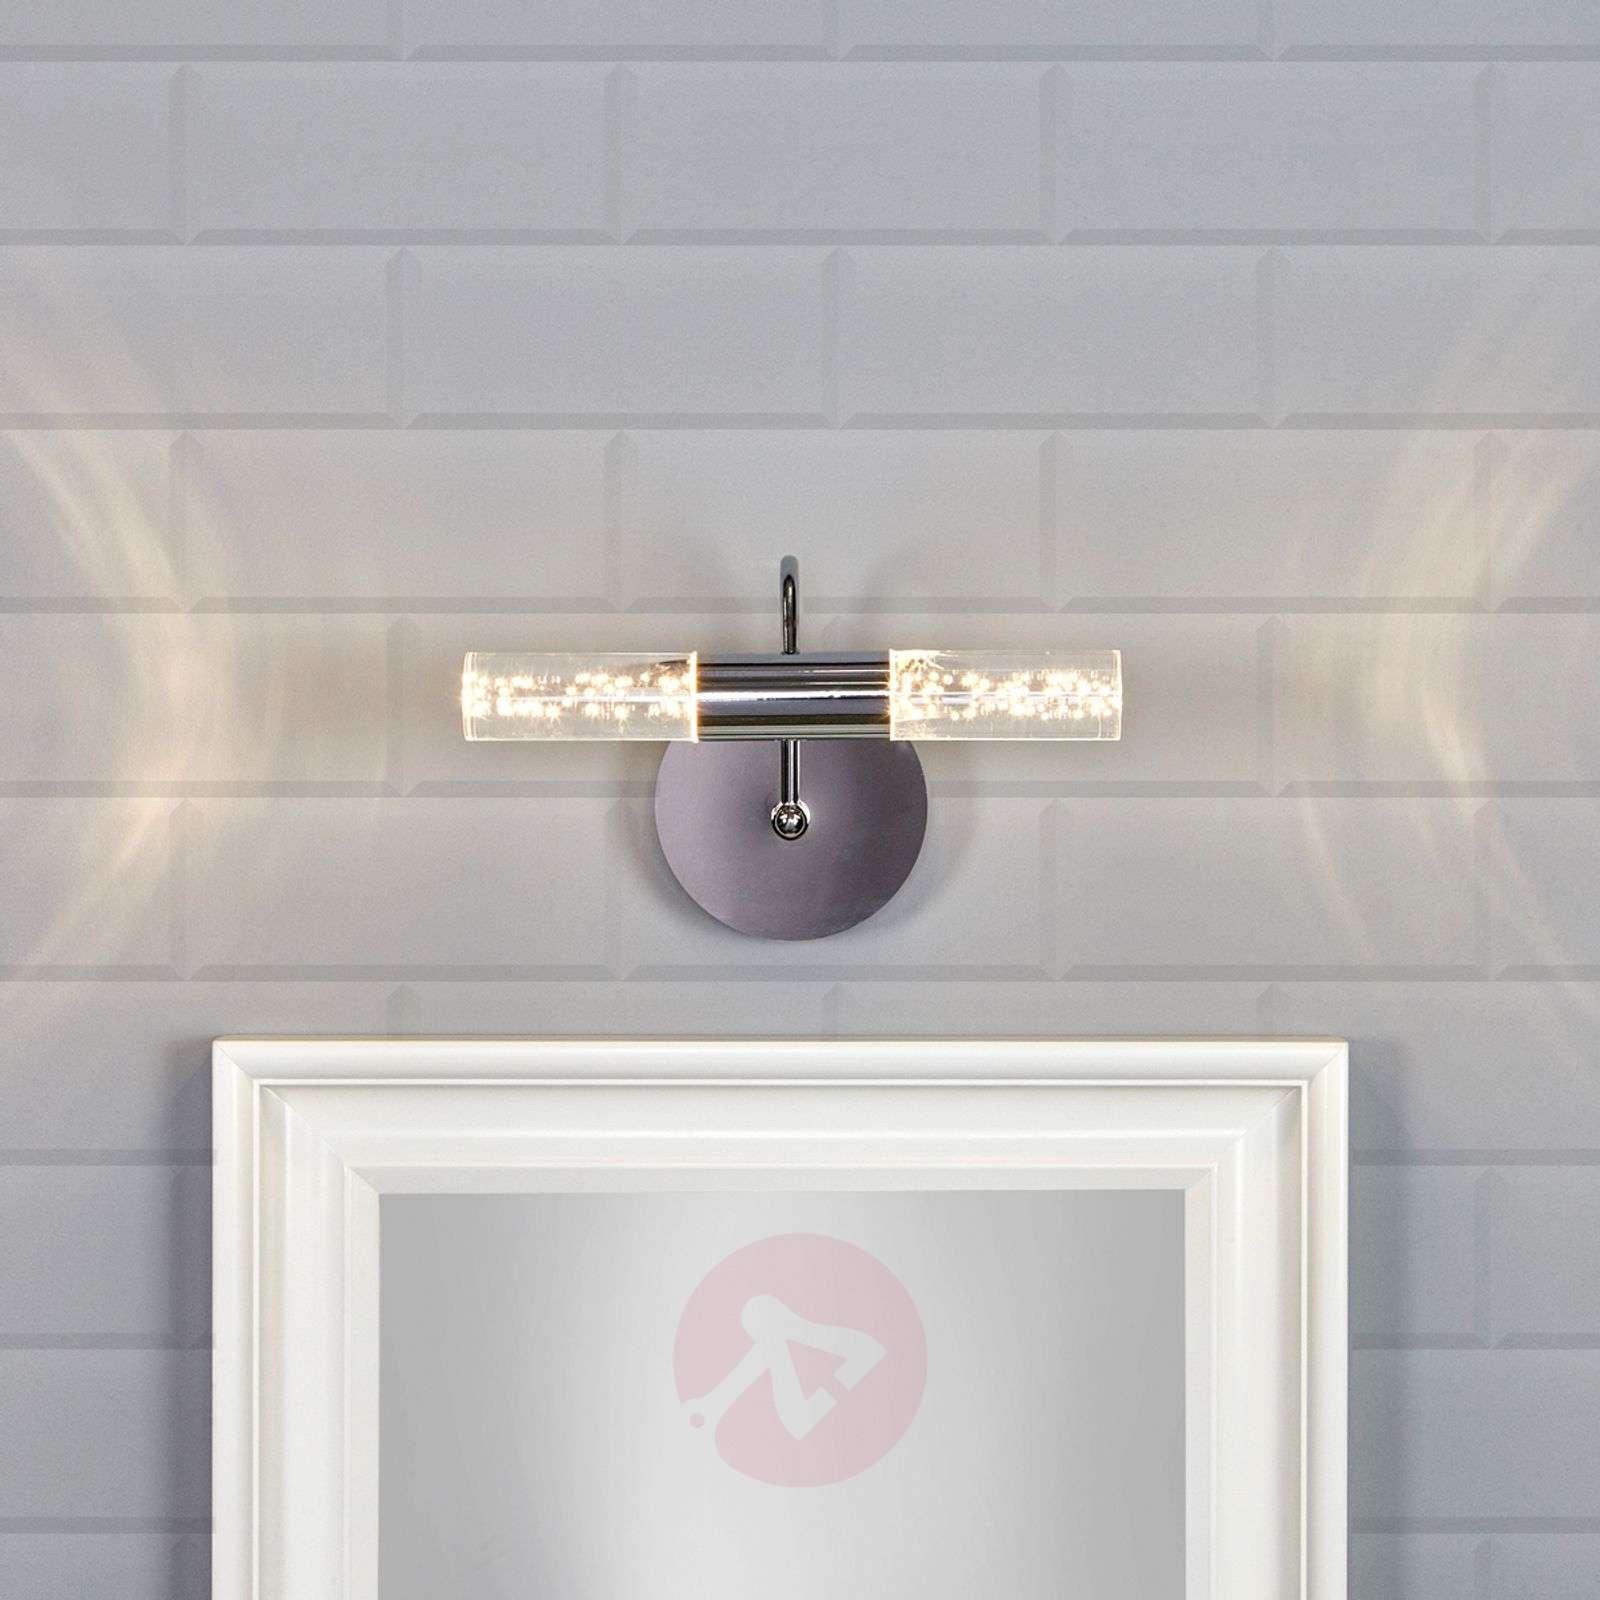 Duncan-peilivalaisin LED modernilla ilmeellä-9994059-03